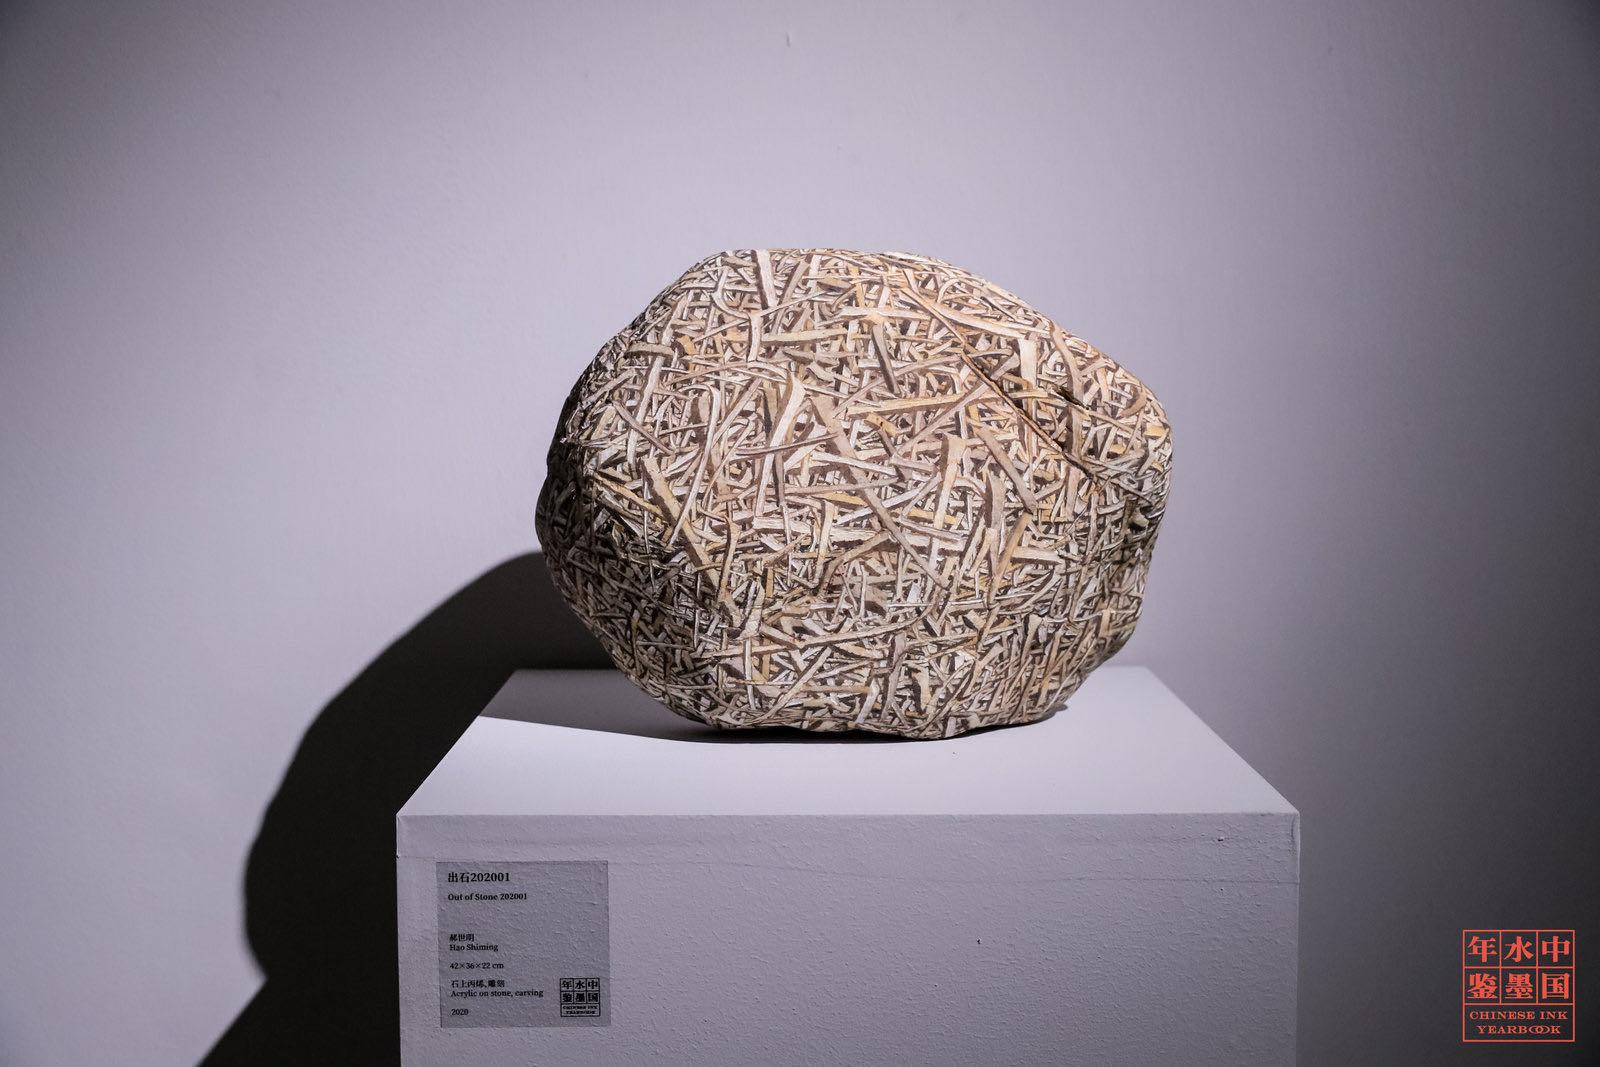 郝世明 出石202001 42x36x22cm,石上丙烯,雕刻,2020.jpg